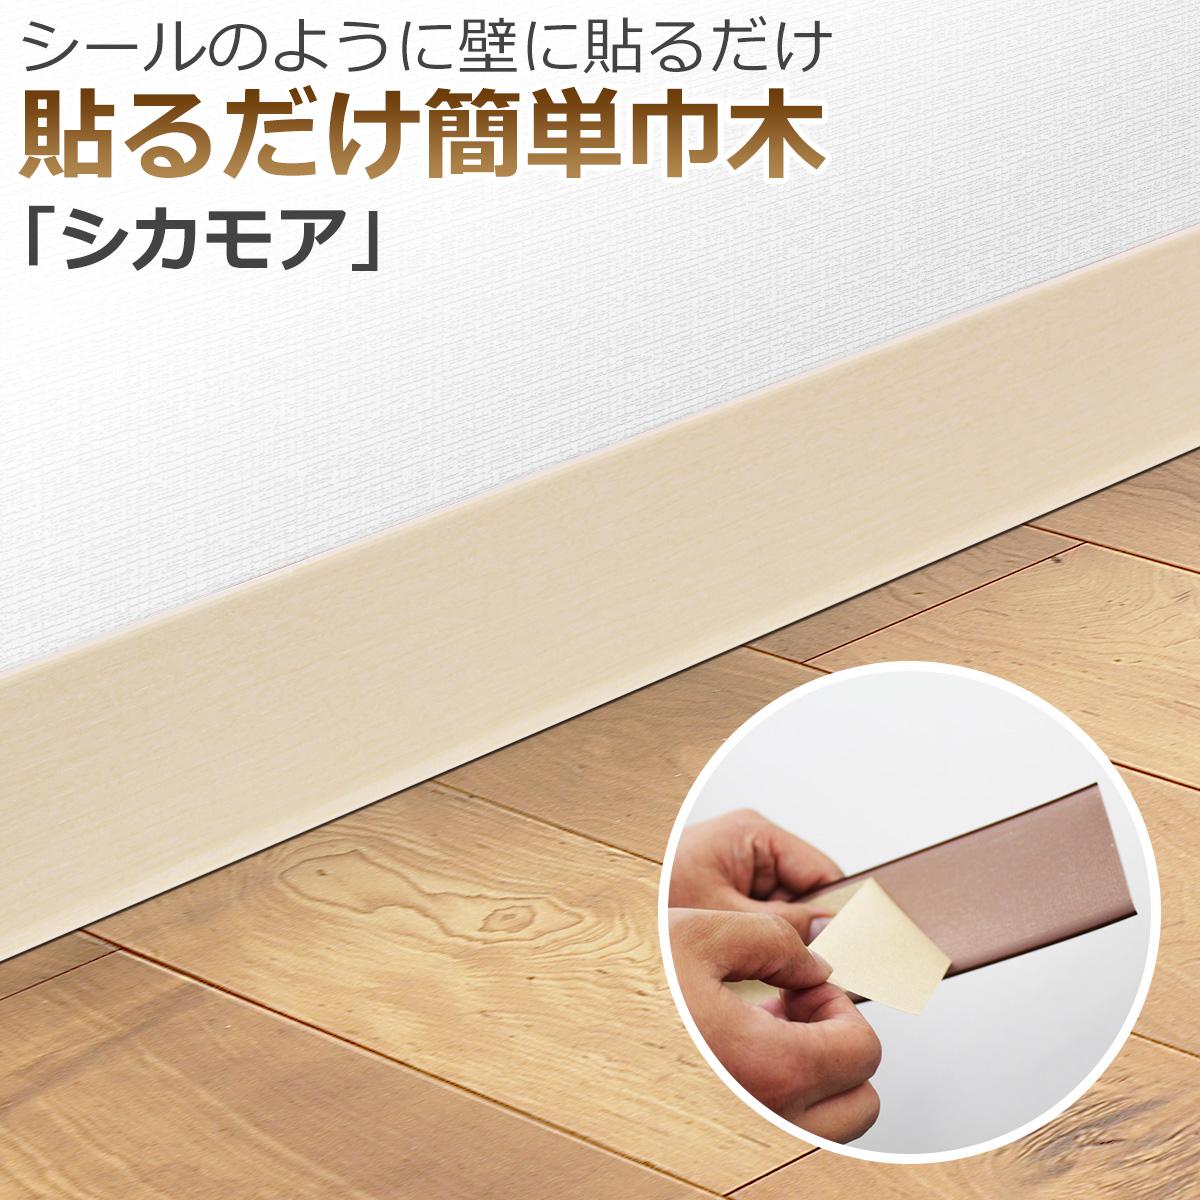 シールのように壁に貼るだけ 貼るだけ簡単巾木「シカモア」